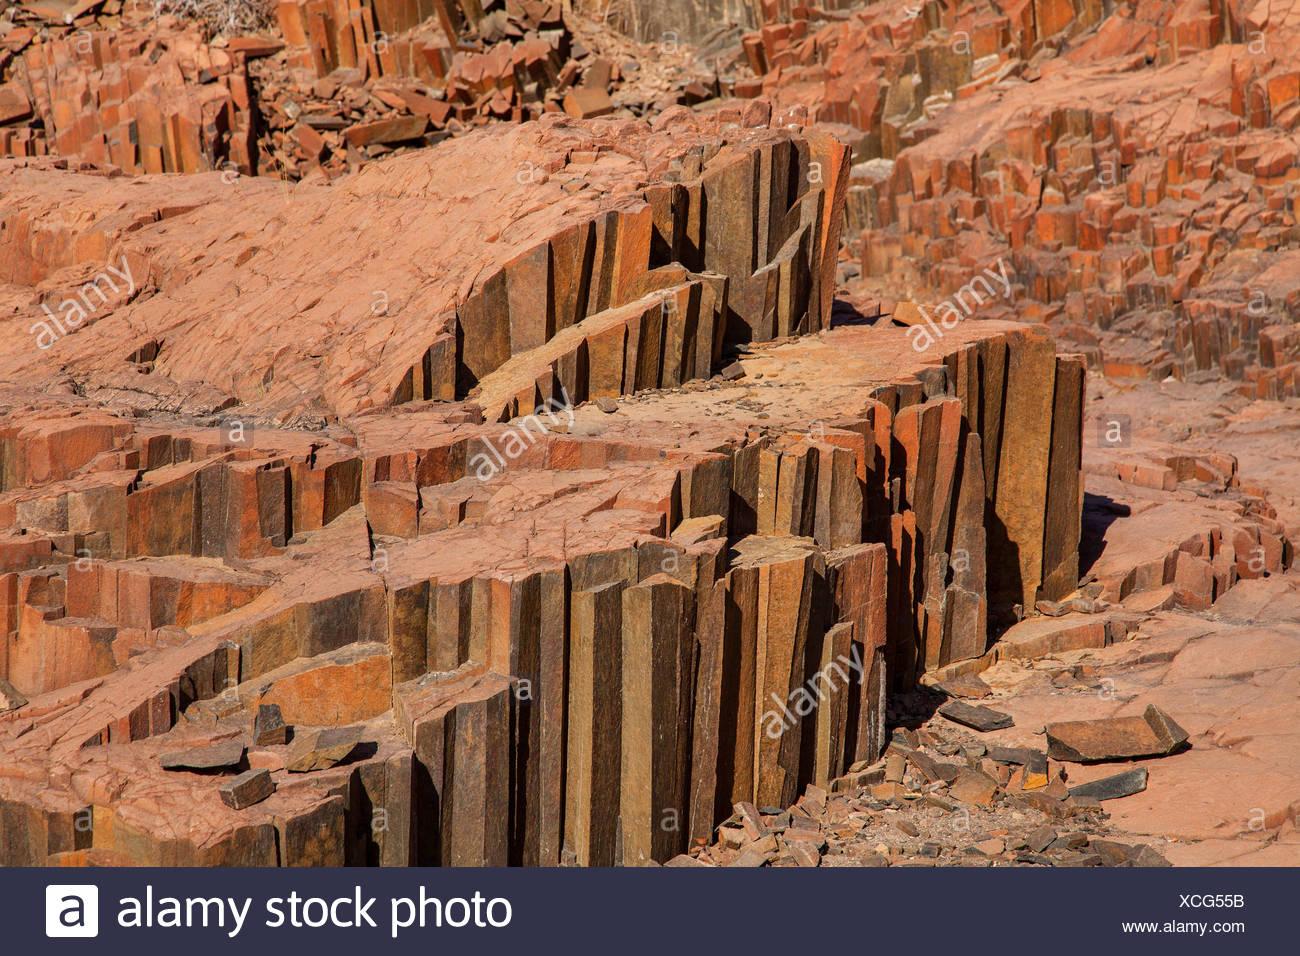 organ pipes, columnar basalt, Namibia, Khorixas - Stock Image